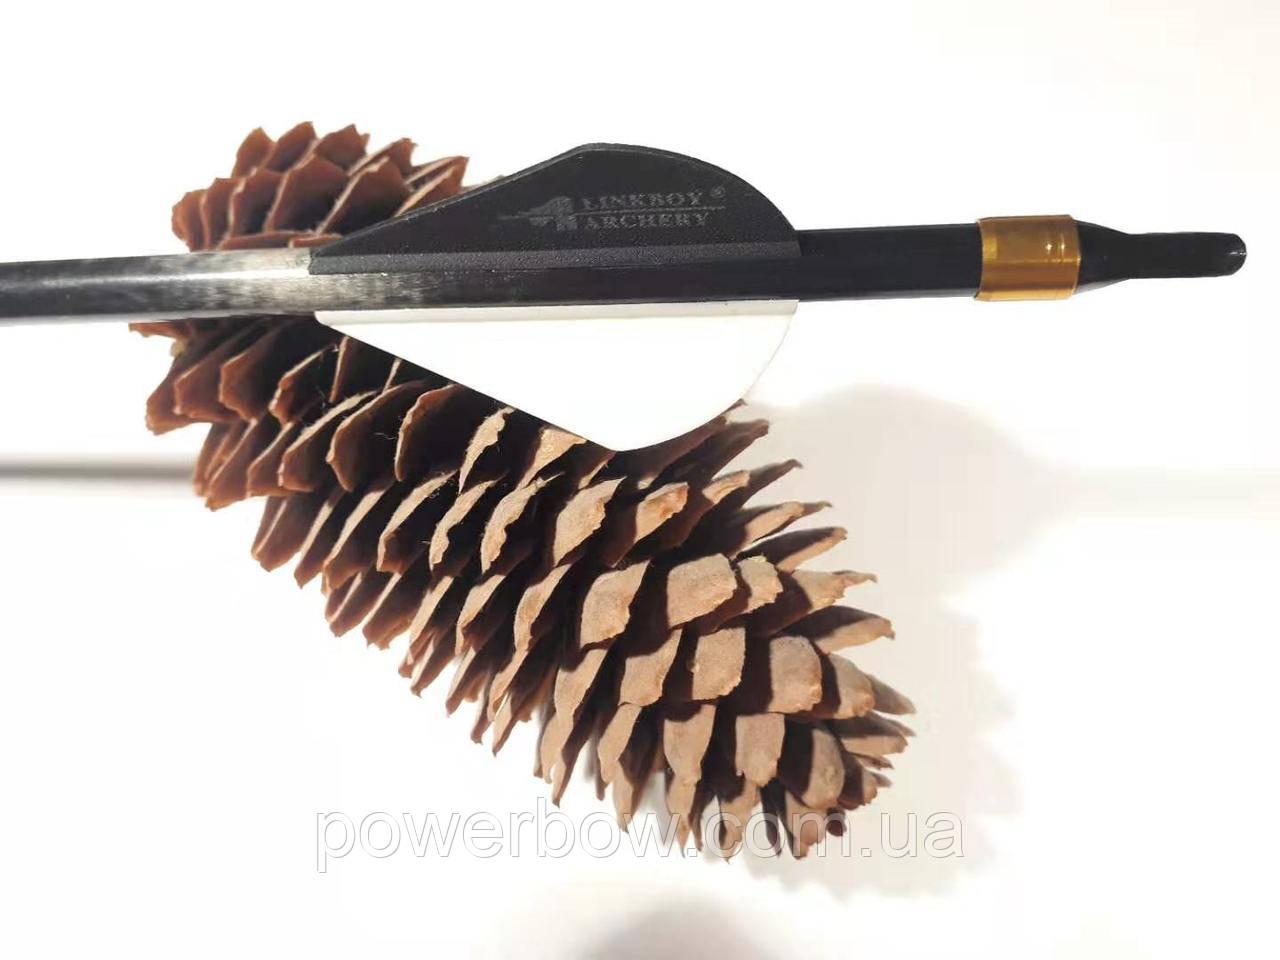 Стрелы для лука карбоновые Linkboy 500/400/300 spine 32 дюйма